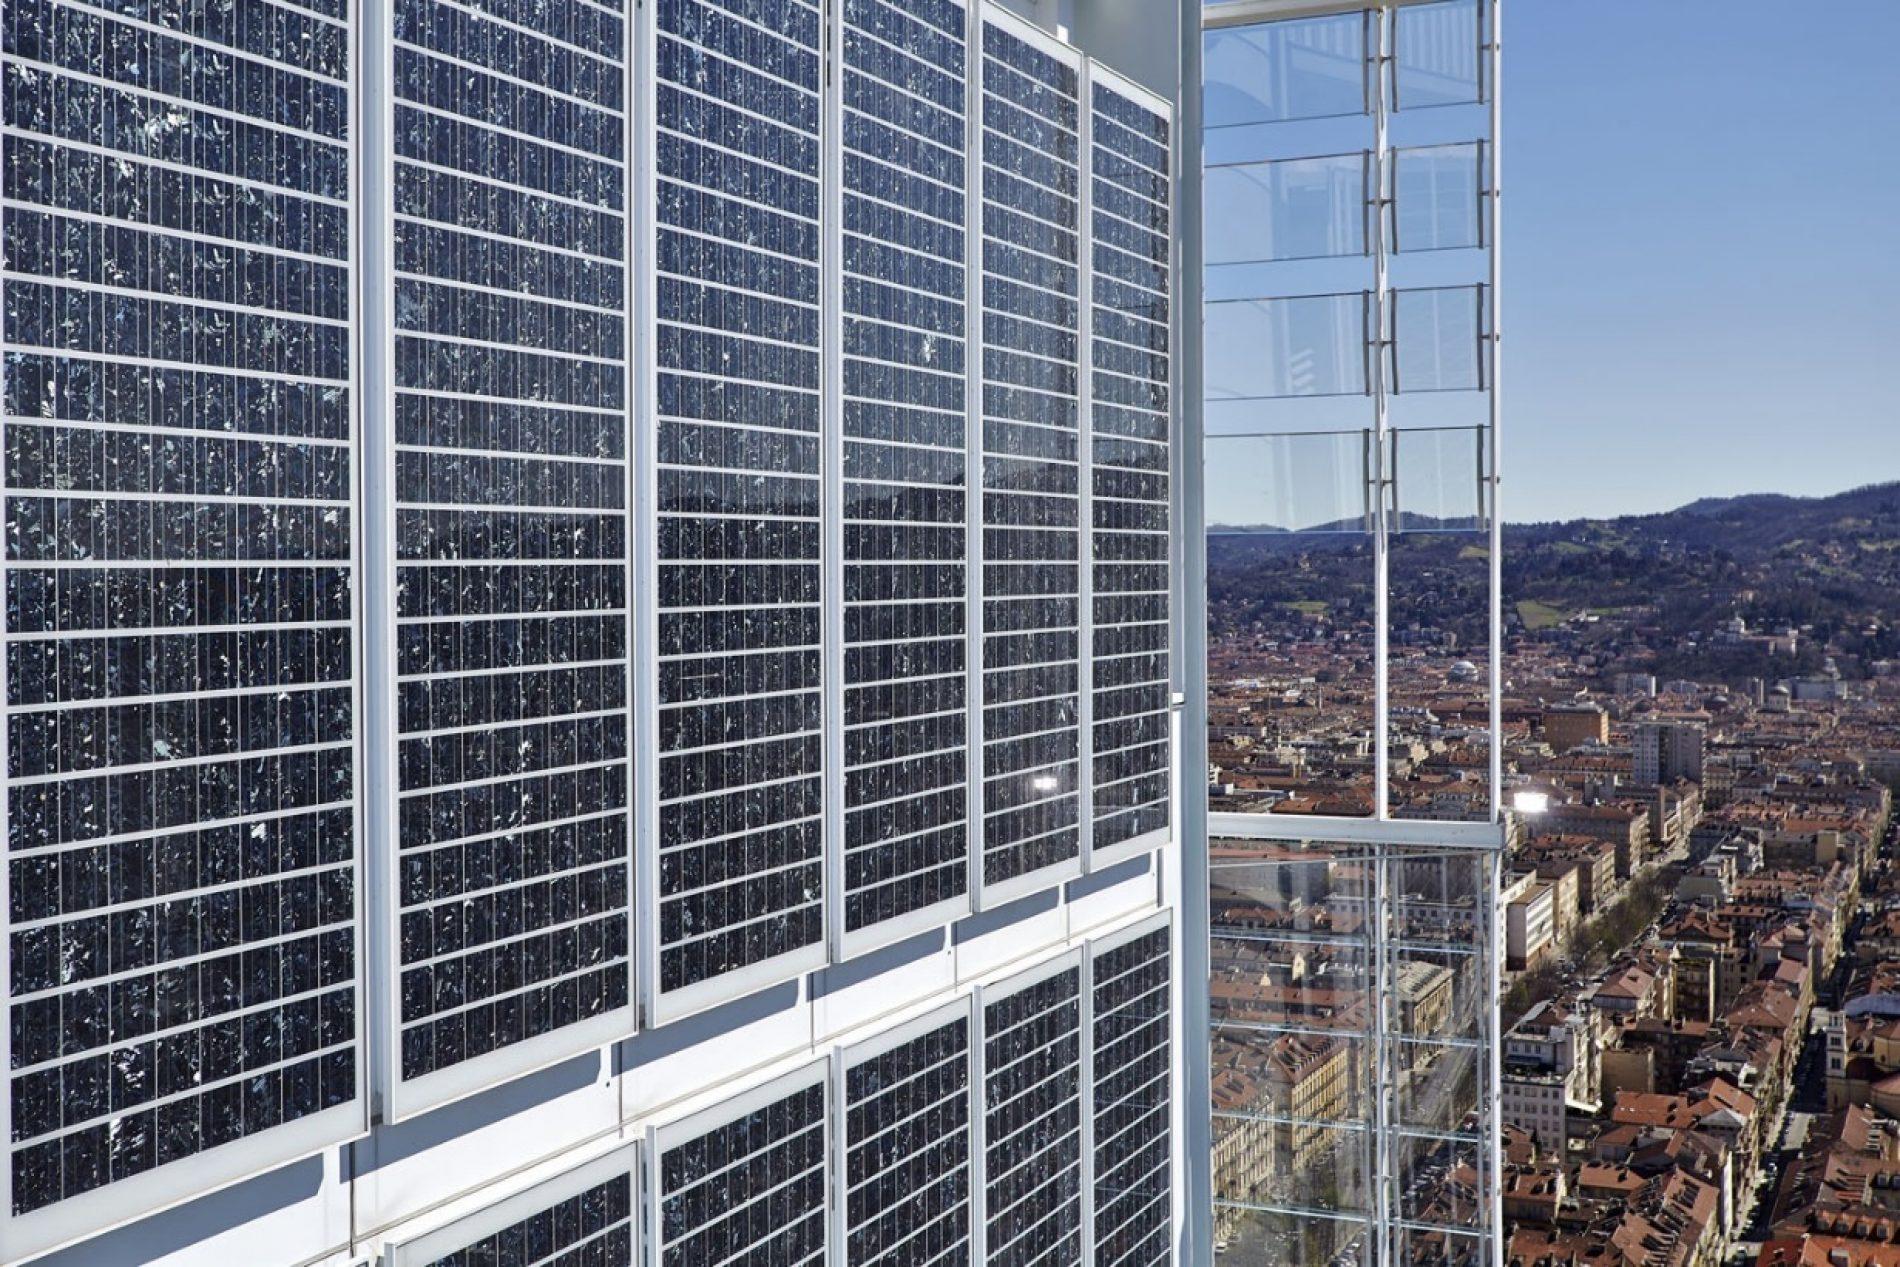 Turin Geofencing Lab: Un projet innovant au service des «Villes Intelligentes»